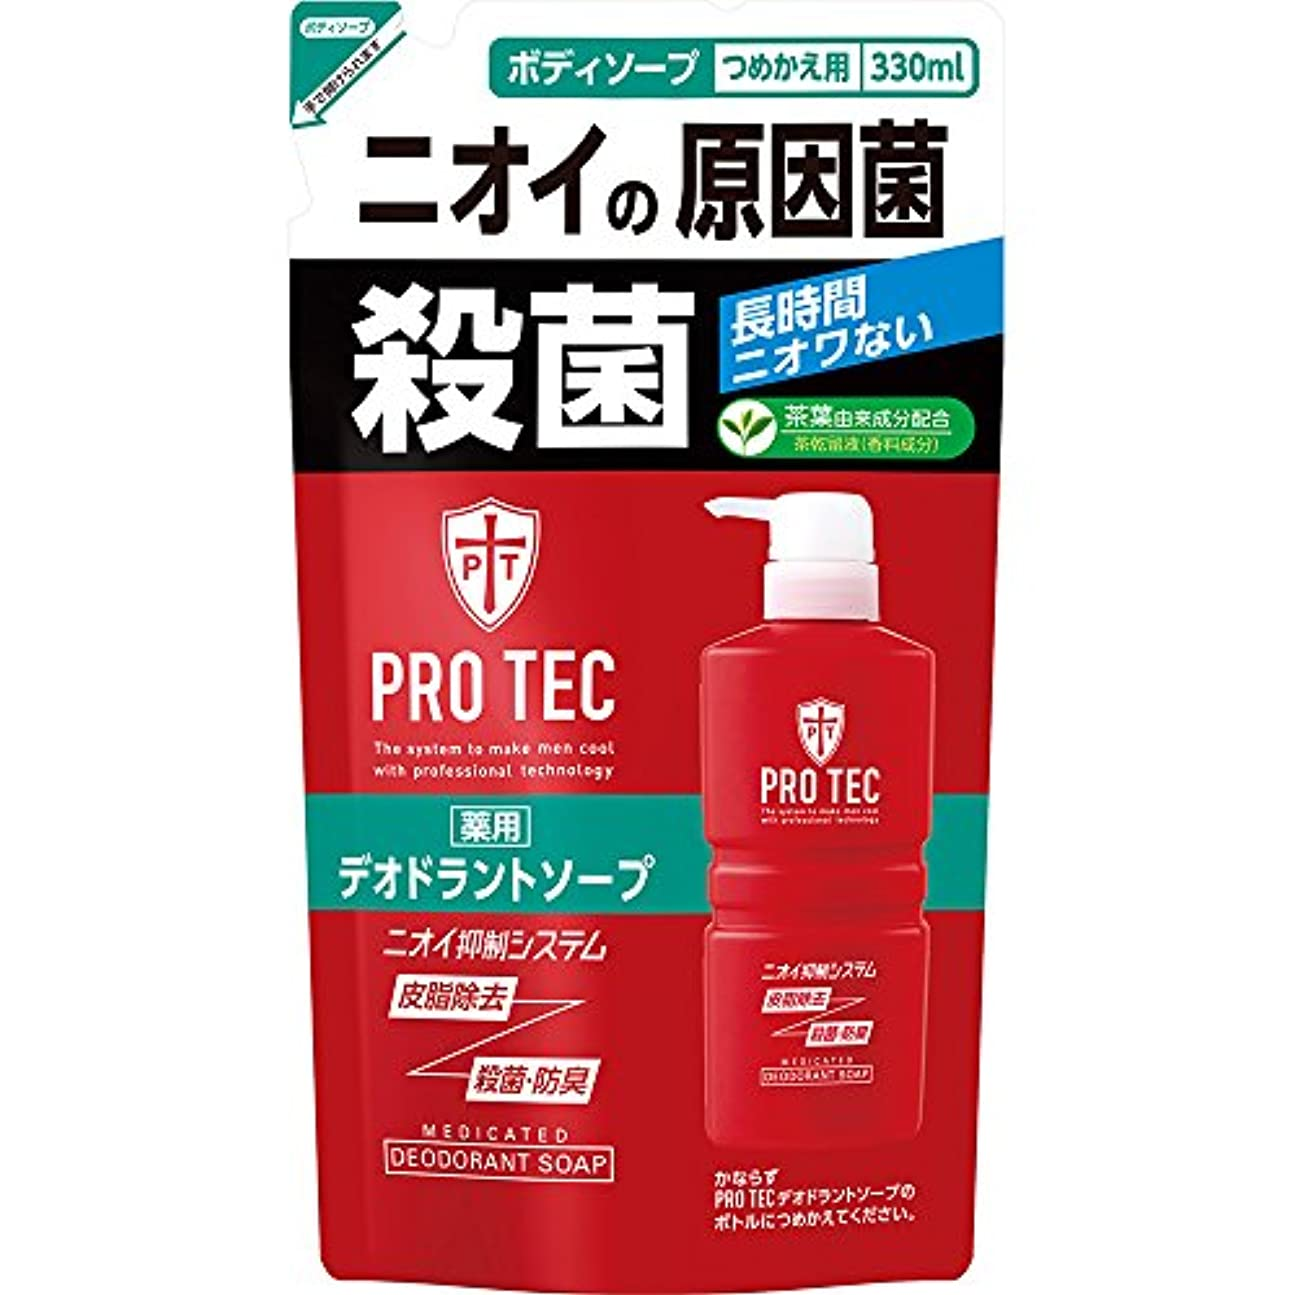 遮るルート共和党PRO TEC(プロテク) デオドラントソープ 詰め替え 330ml(医薬部外品)